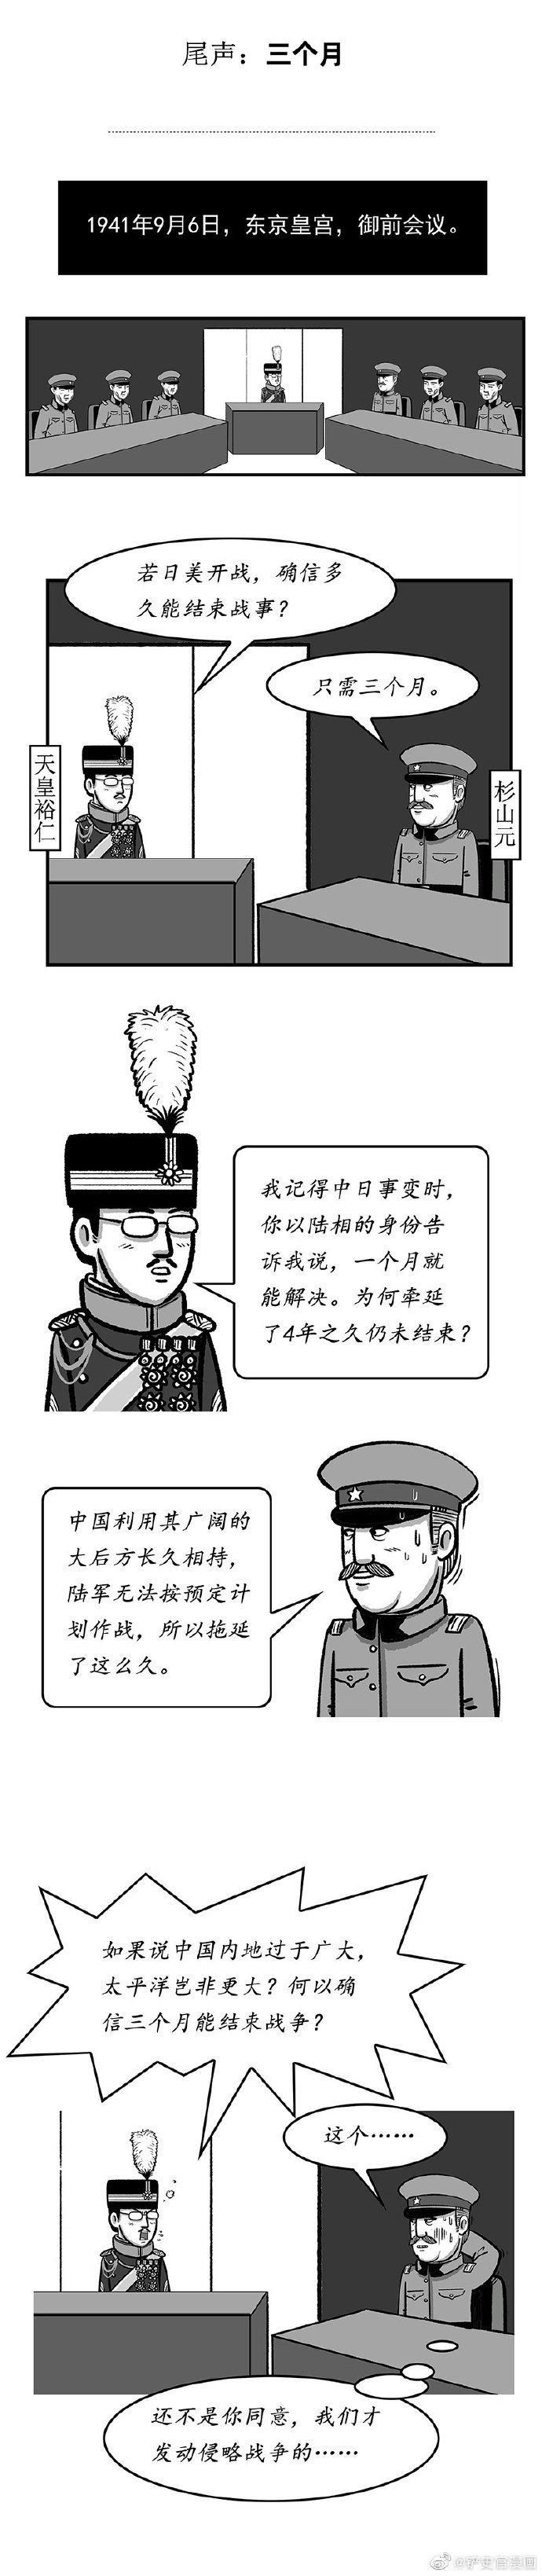 《八佰》背后的故事:日军速胜迷梦怎样破灭?